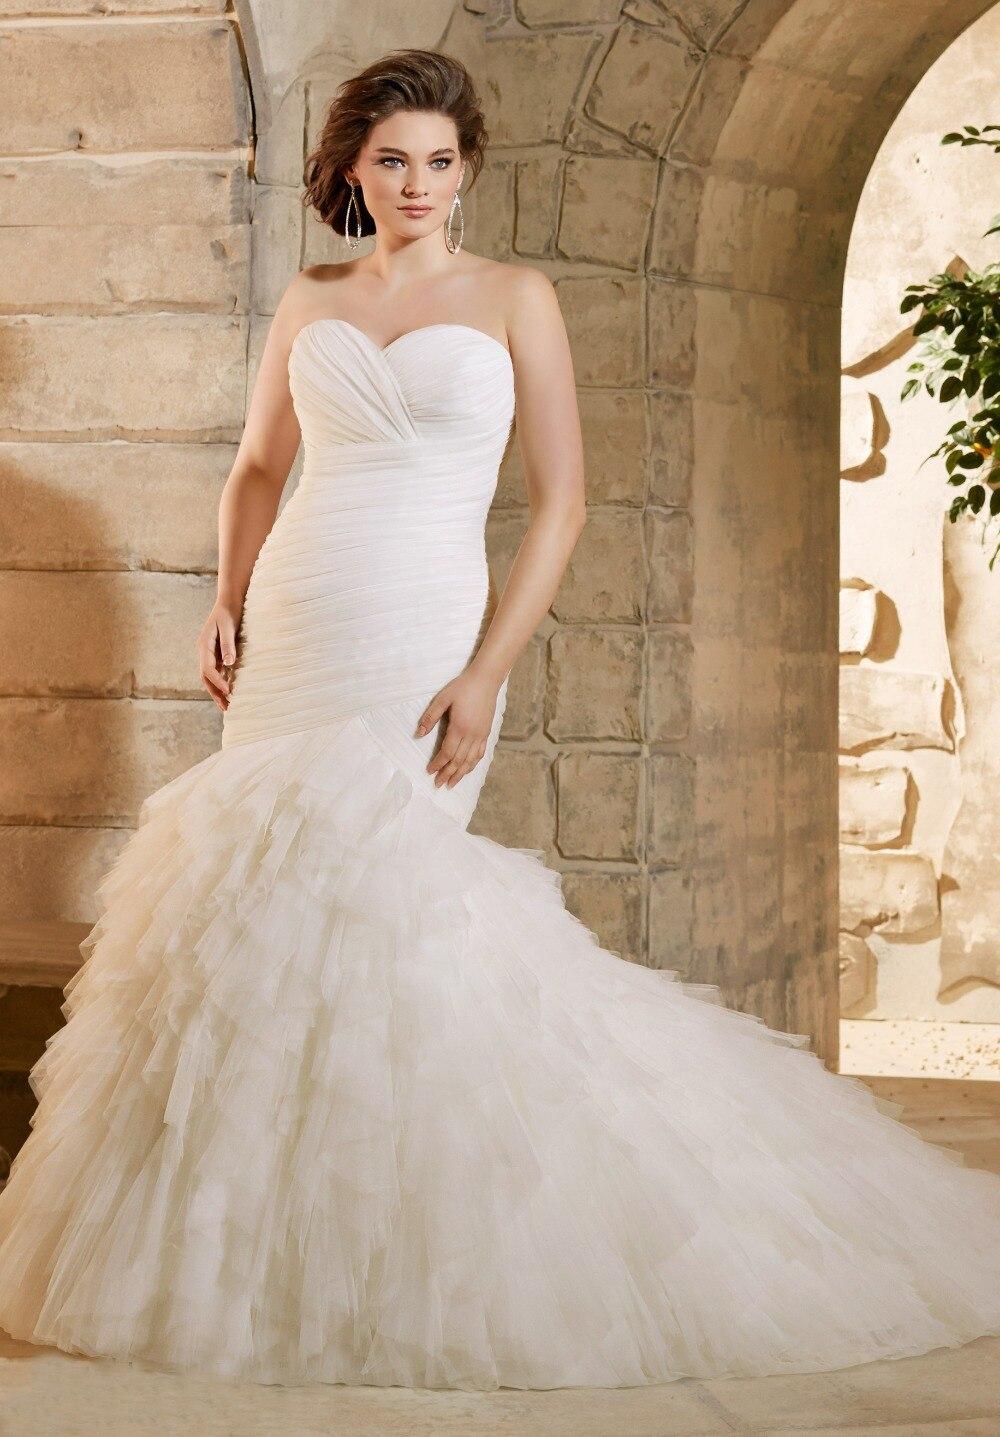 wedding dresses mermaid mermaid style wedding dress Wedding dresses mermaid using creative and smart ideas 15